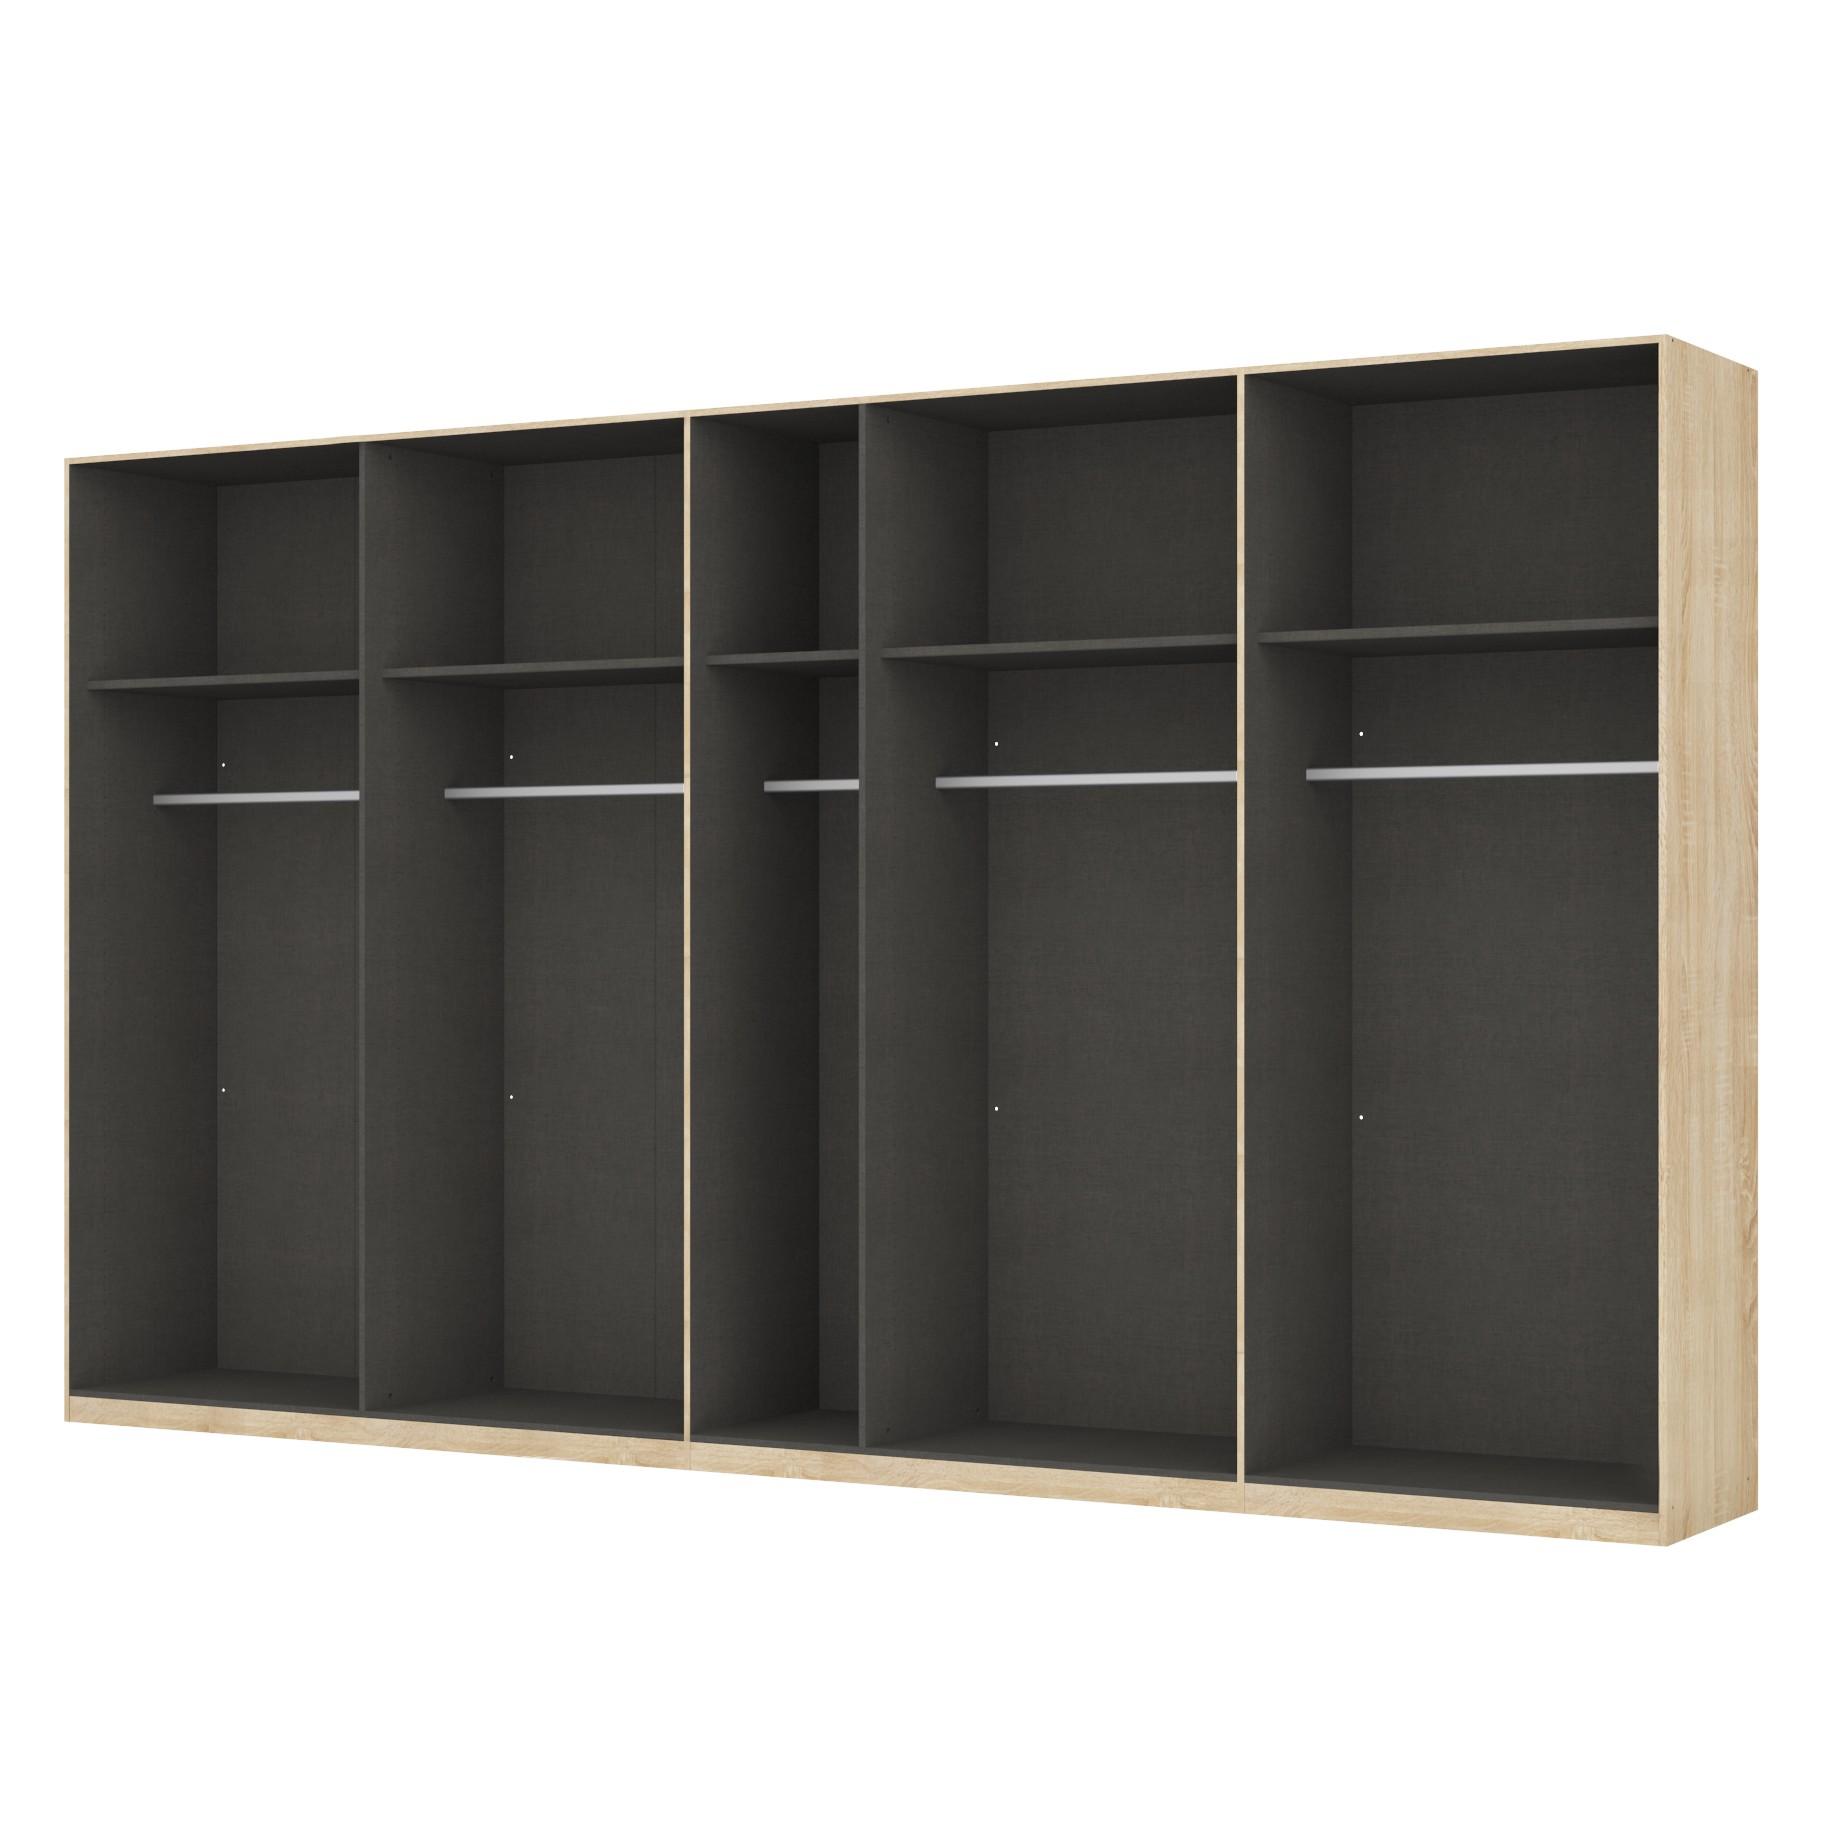 Kleiderschrank SKØP - Eiche Sonoma Dekor/ Offen - 405 cm (9-türig) - 236 cm - Basic